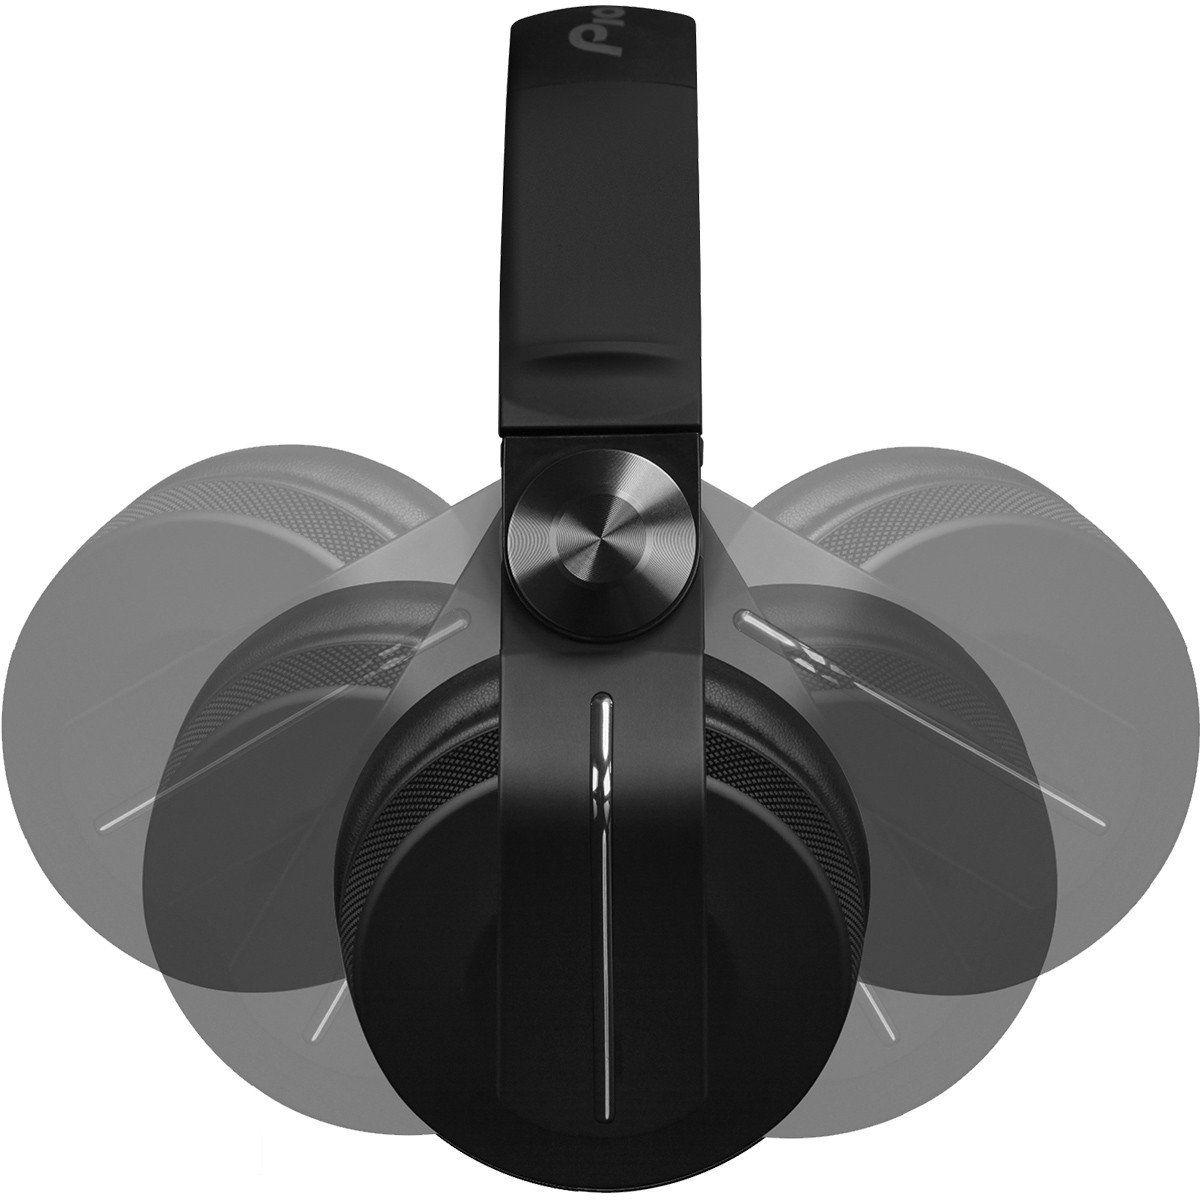 Pioneer HDJ-700 Fone de Ouvido HDJ700 Fechado para DJ Profissional de Alta Qualidade